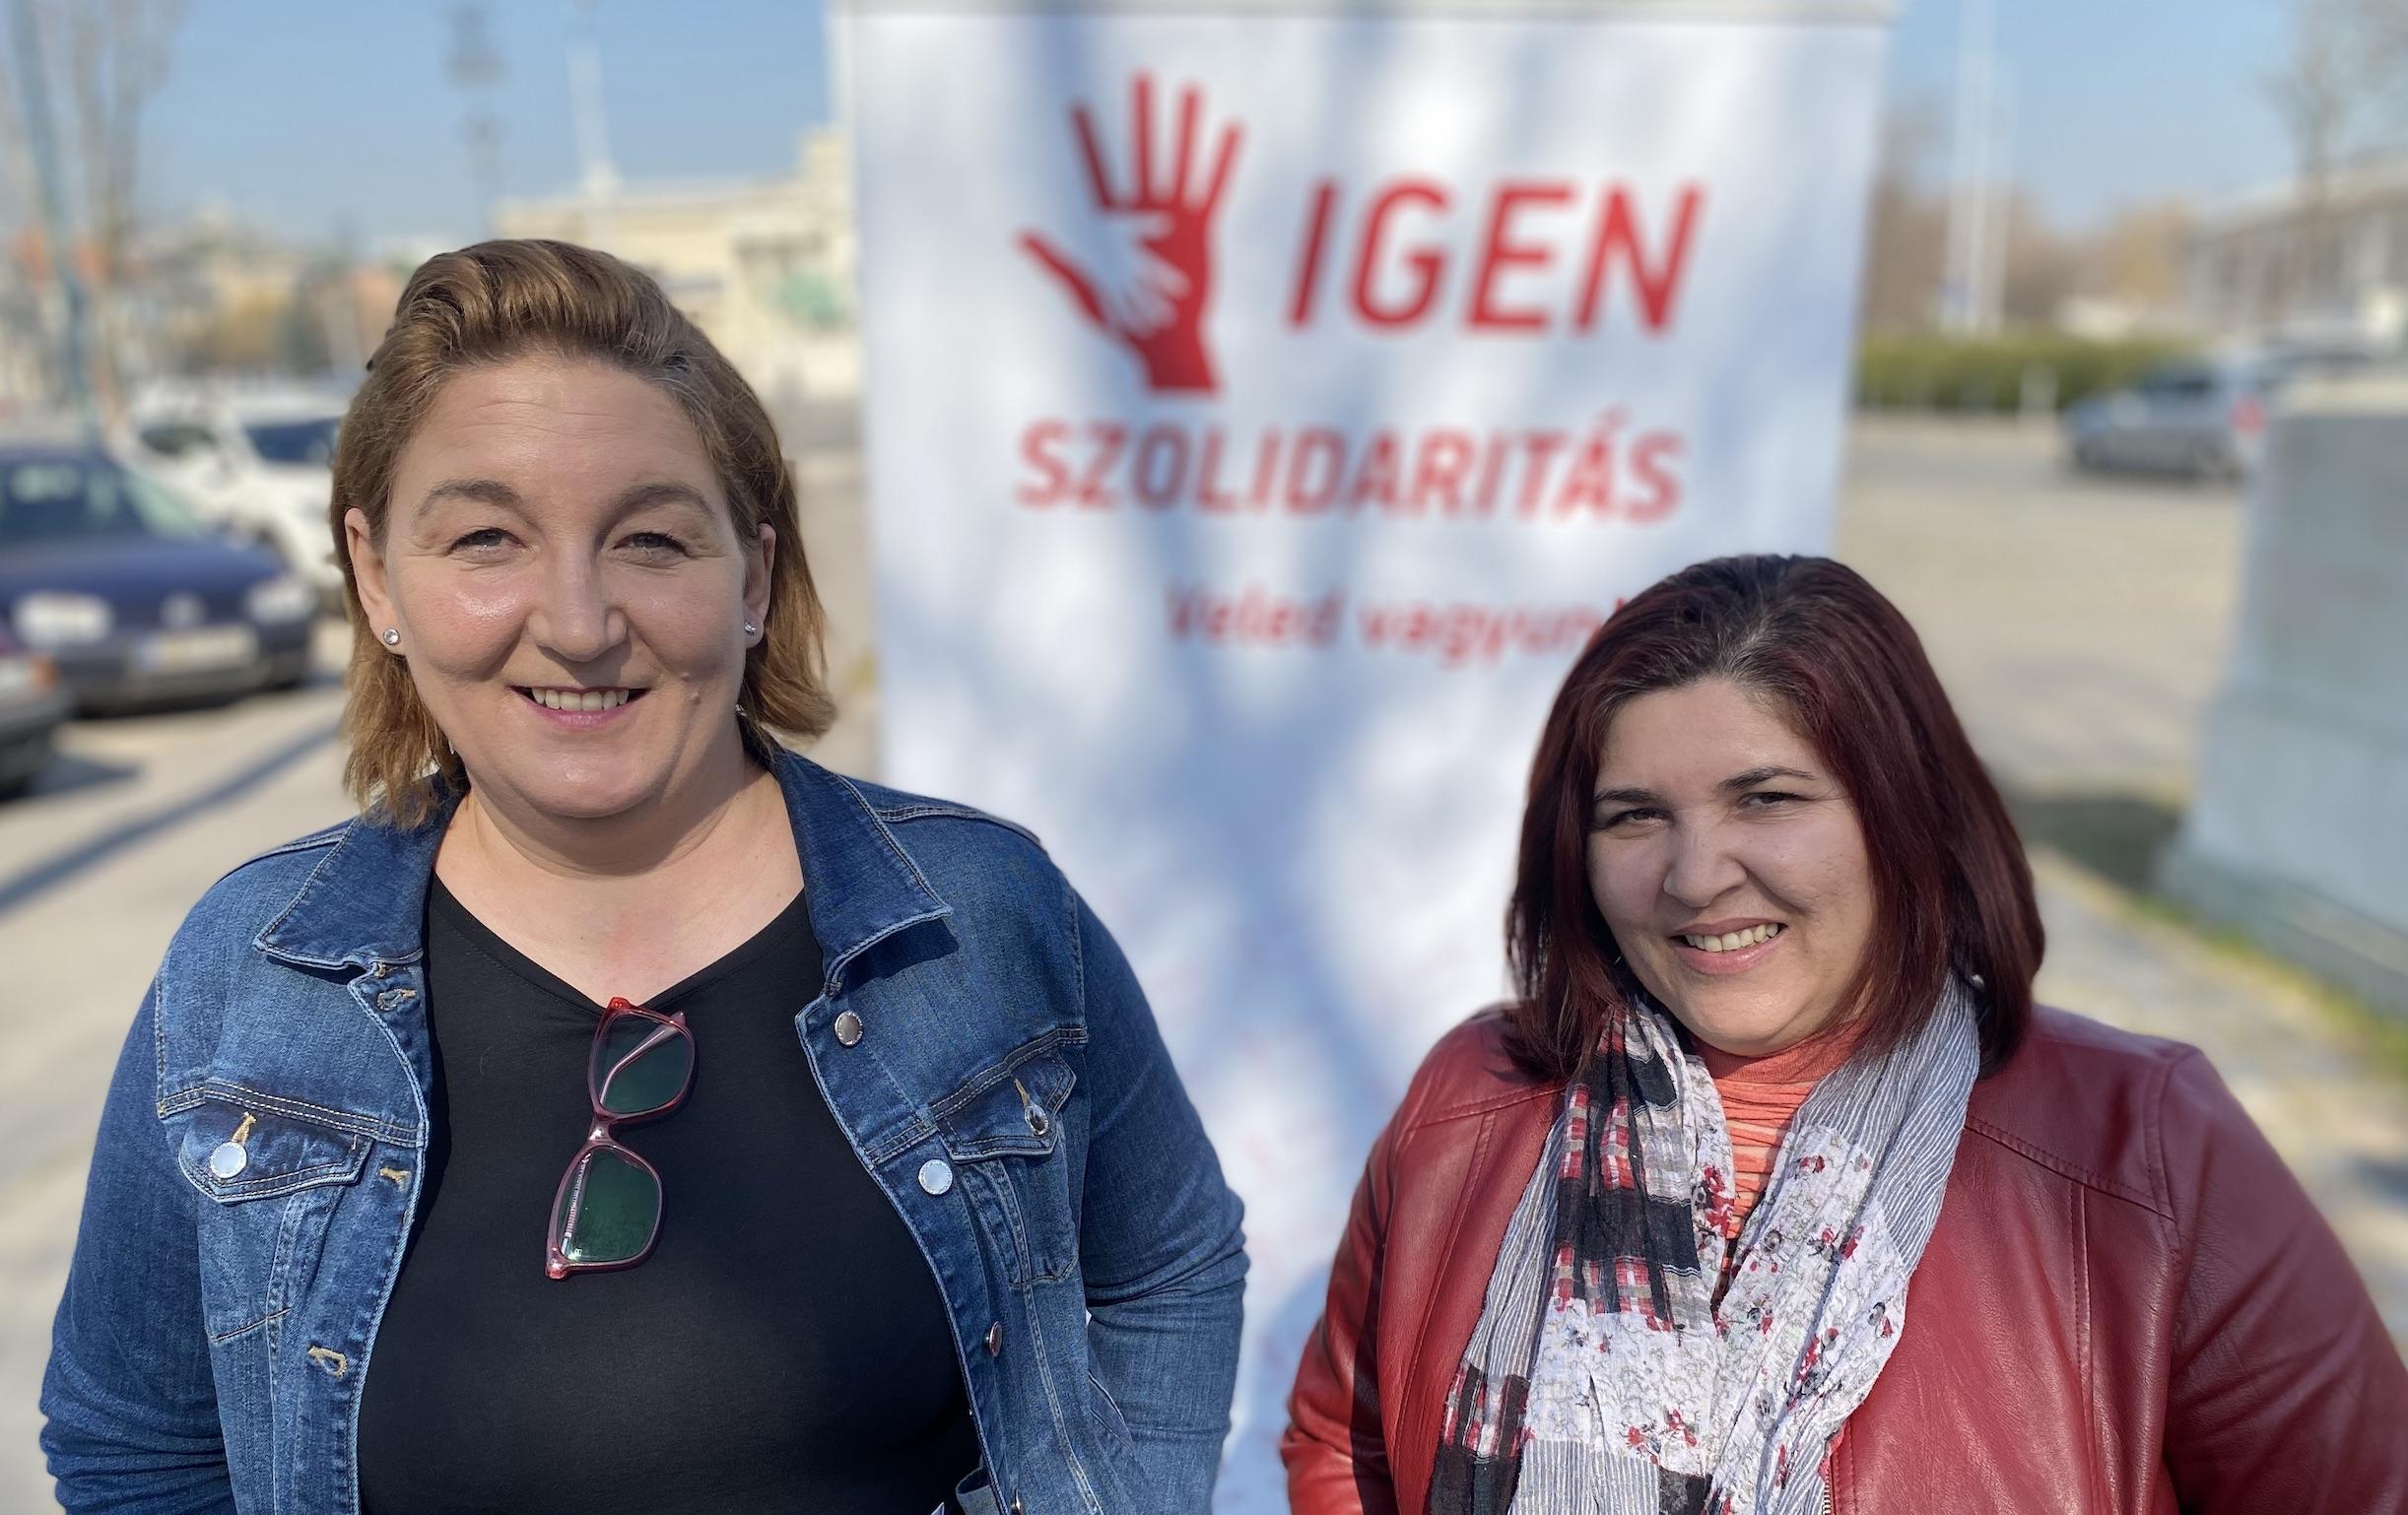 A Fideszből dezertálókat támogatja az ISZOMM az előválasztásokon